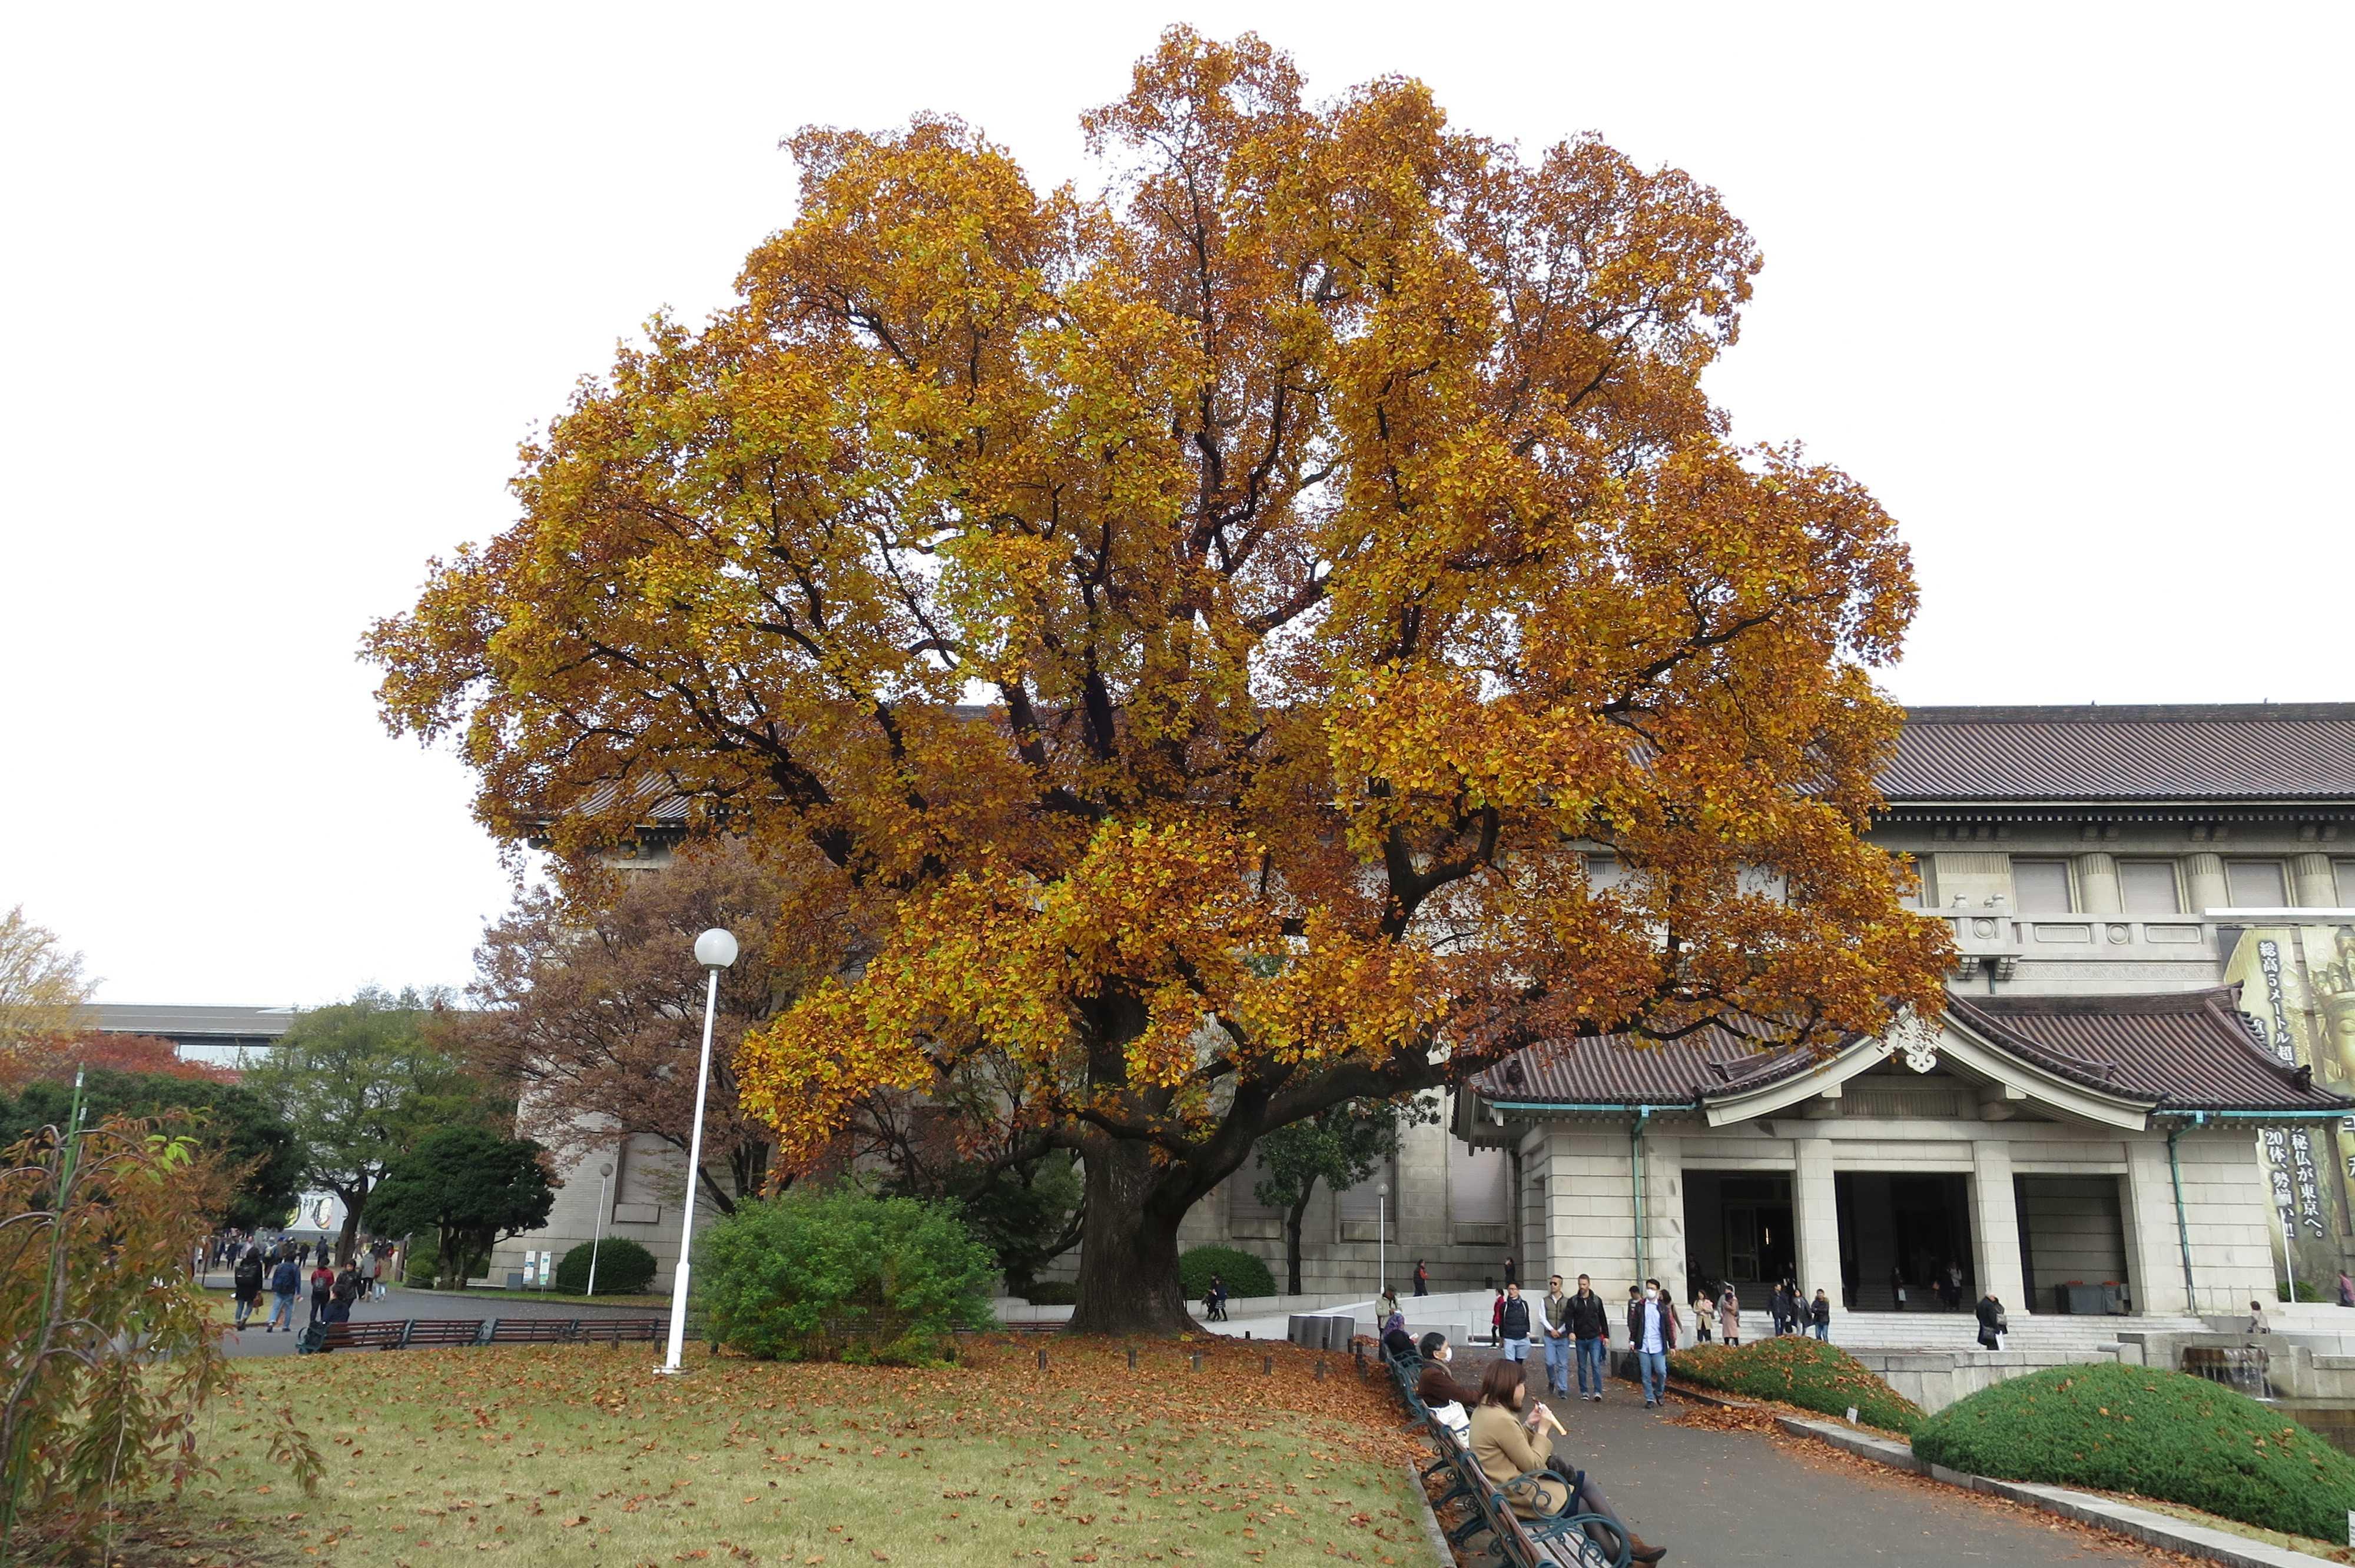 東京国立博物館 本館前の巨木「ユリノキ(百合の樹)」